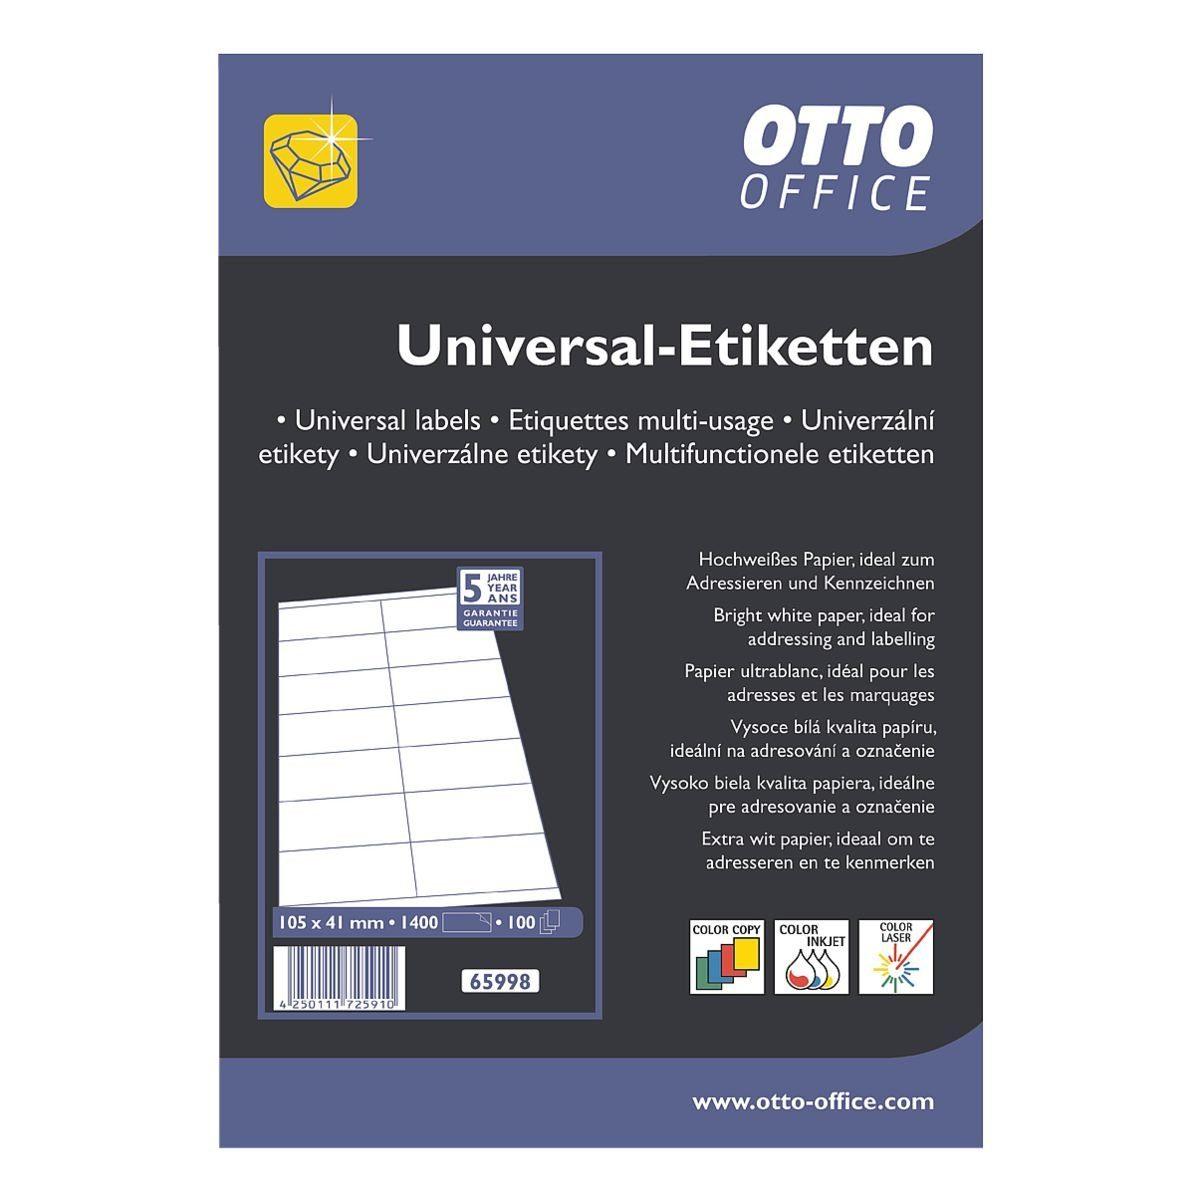 OTTO_OFFICE_PREMIUM 1400er-Pack Universal Klebeetiketten